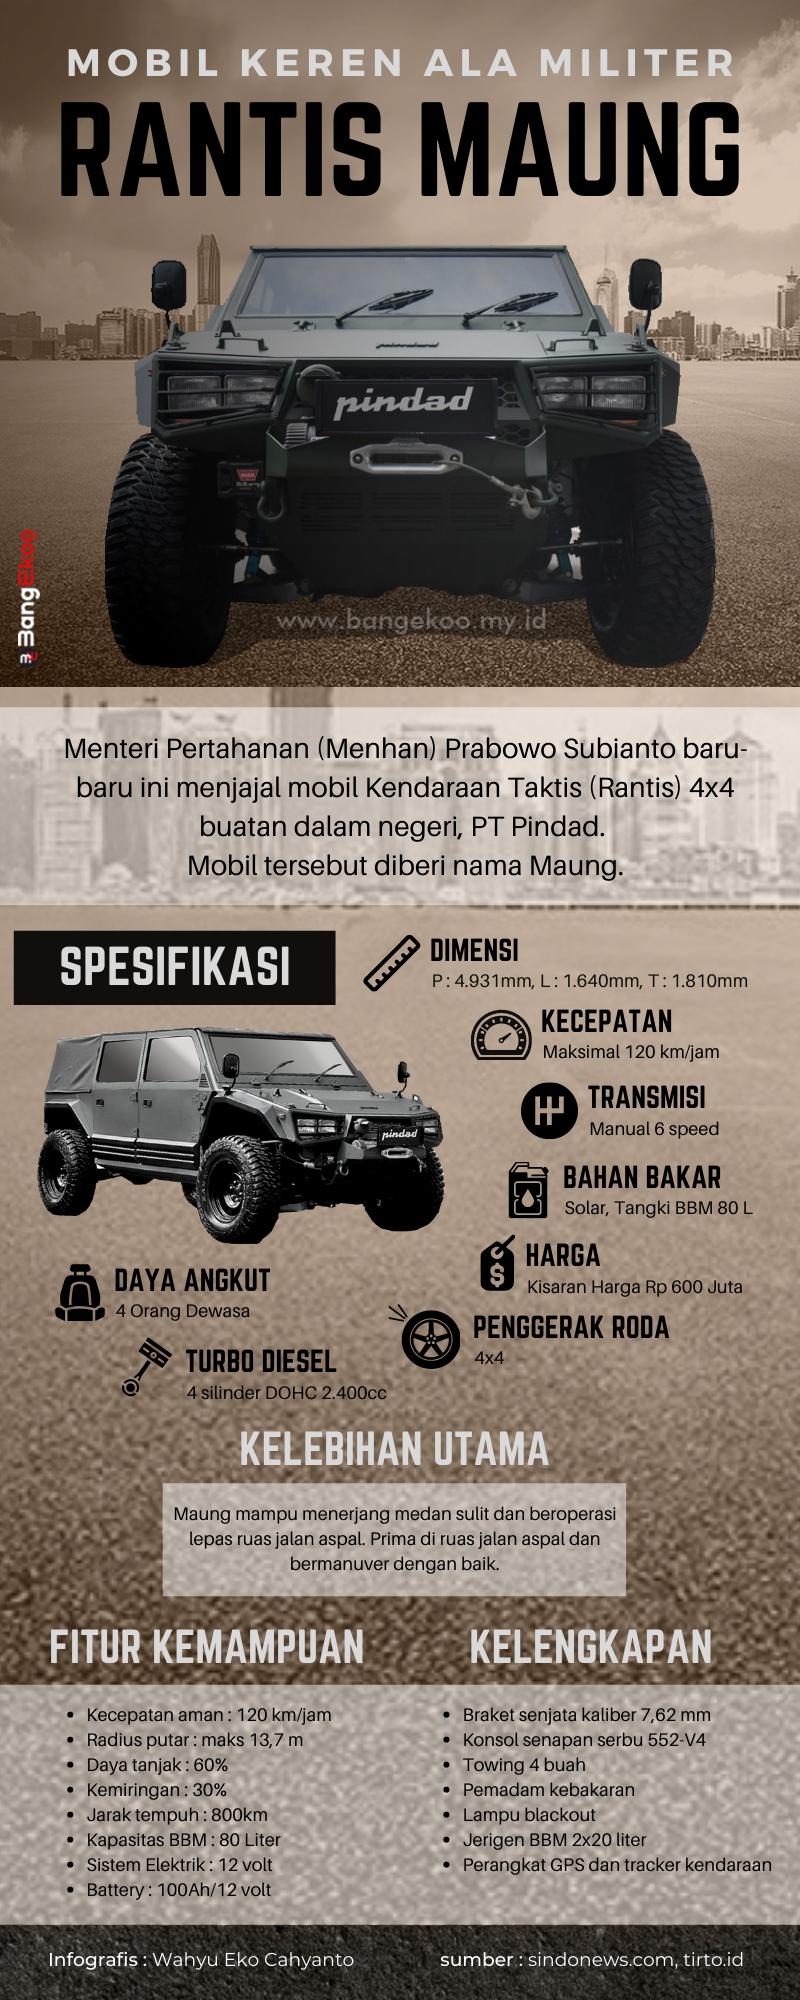 Mobil Keren Ala Militer Ini Bernama Rantis Maung Yang Merupakan Mobil Besutan Dalam Negeri Oleh Pt Pindad Mobil Keren Mobil Militer